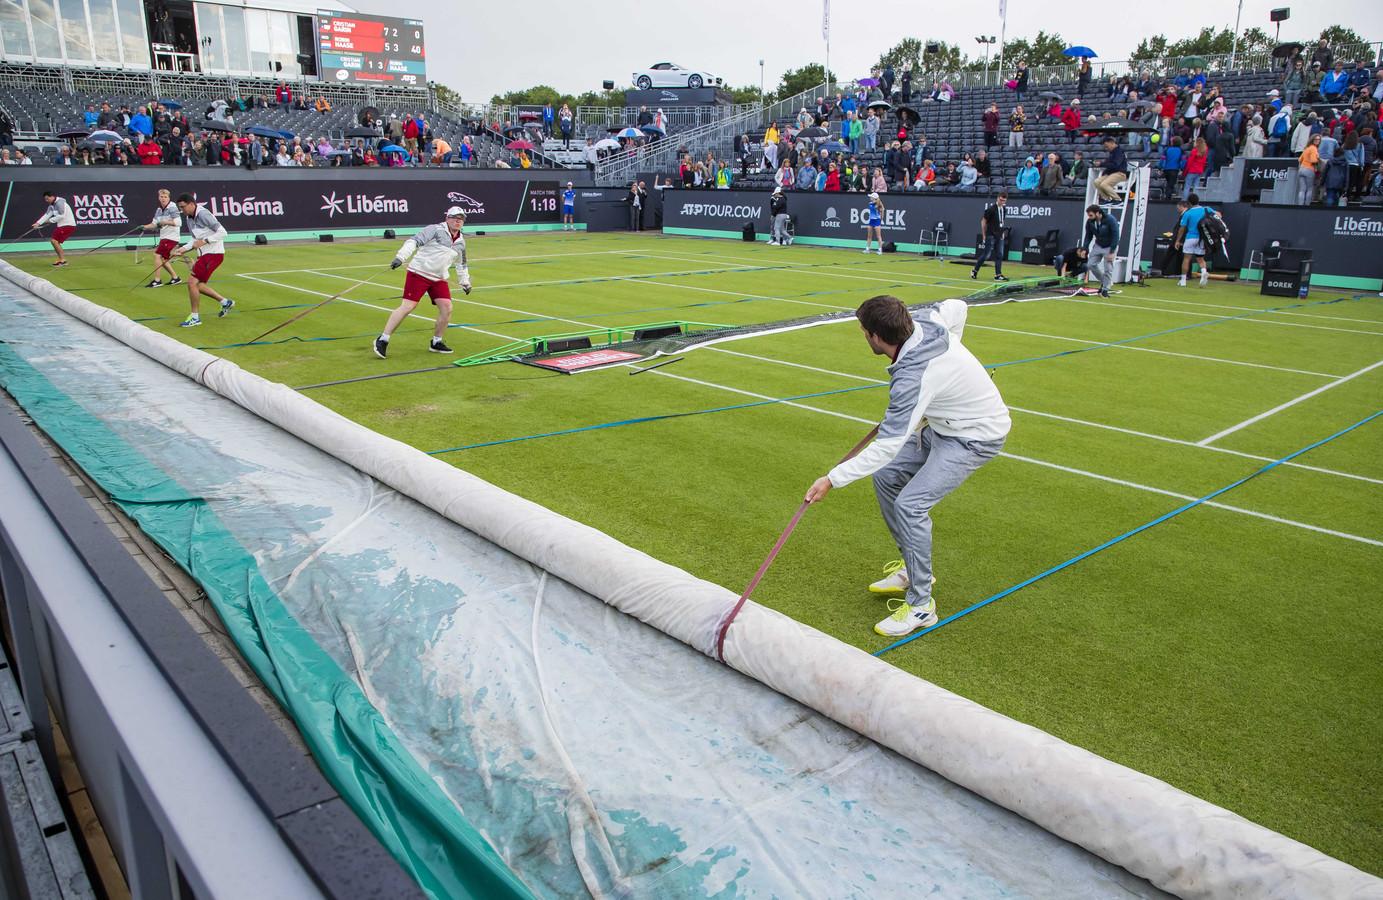 De baan wordt afgedekt tegen de regen tijdens de partij tussen Robin Haase en de Chileen Cristian Garin op het grastoernooi van Rosmalen.